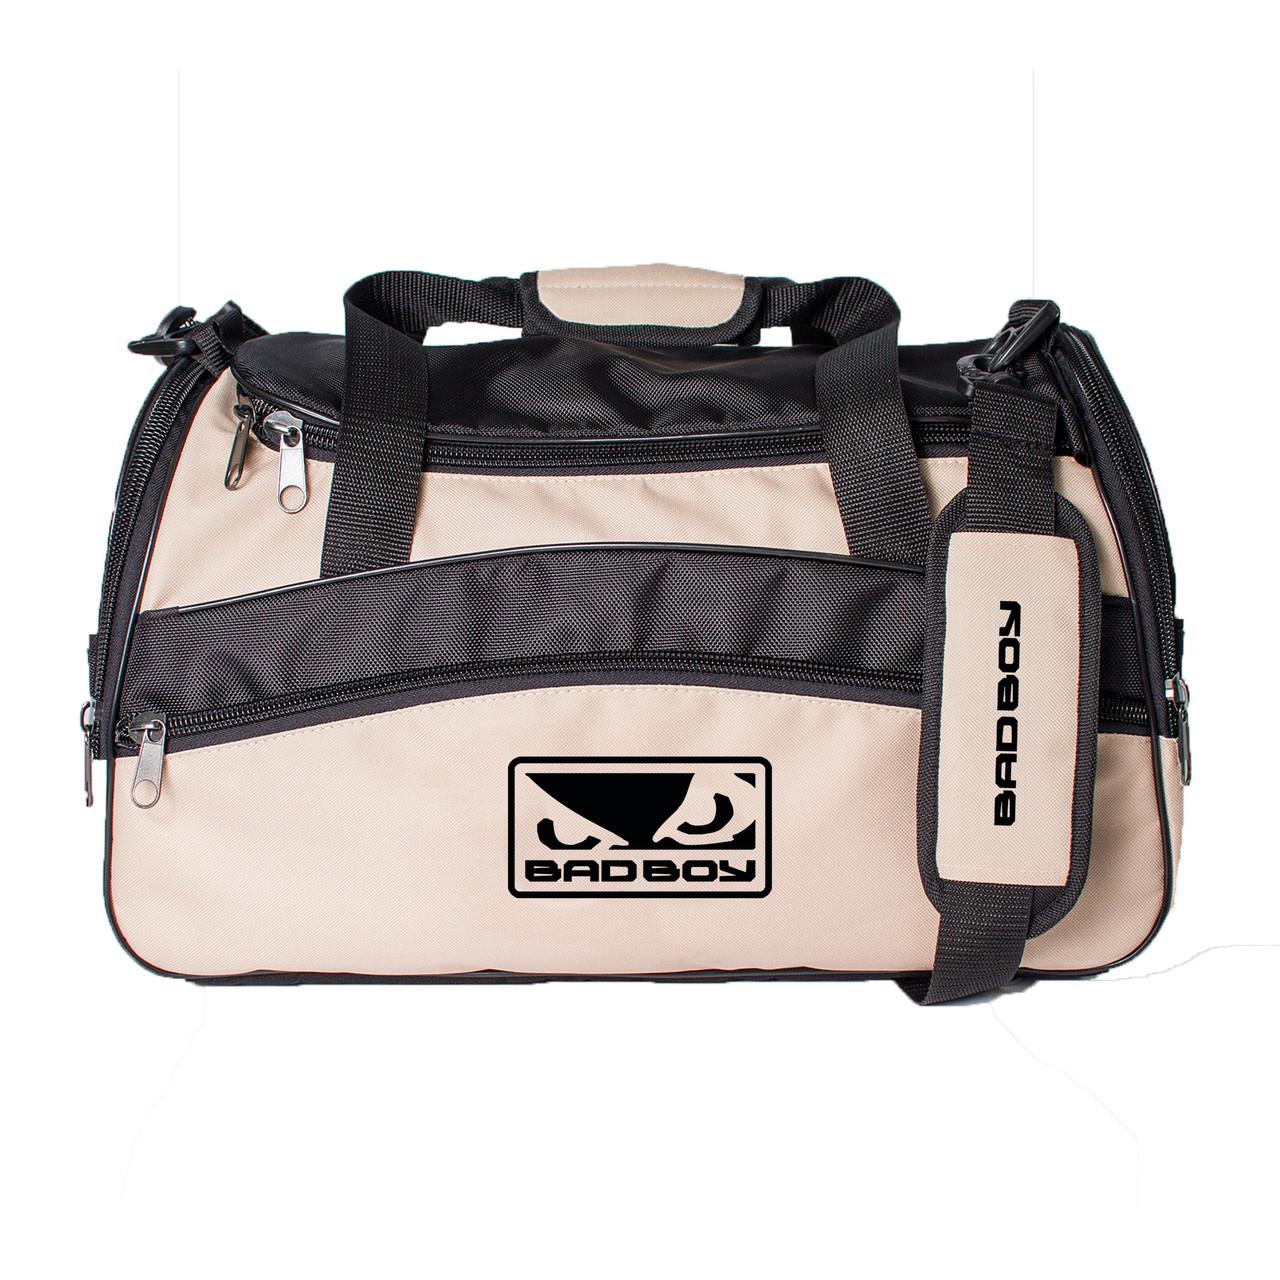 Спортивная сумка каркасной формы BadBoy 25L